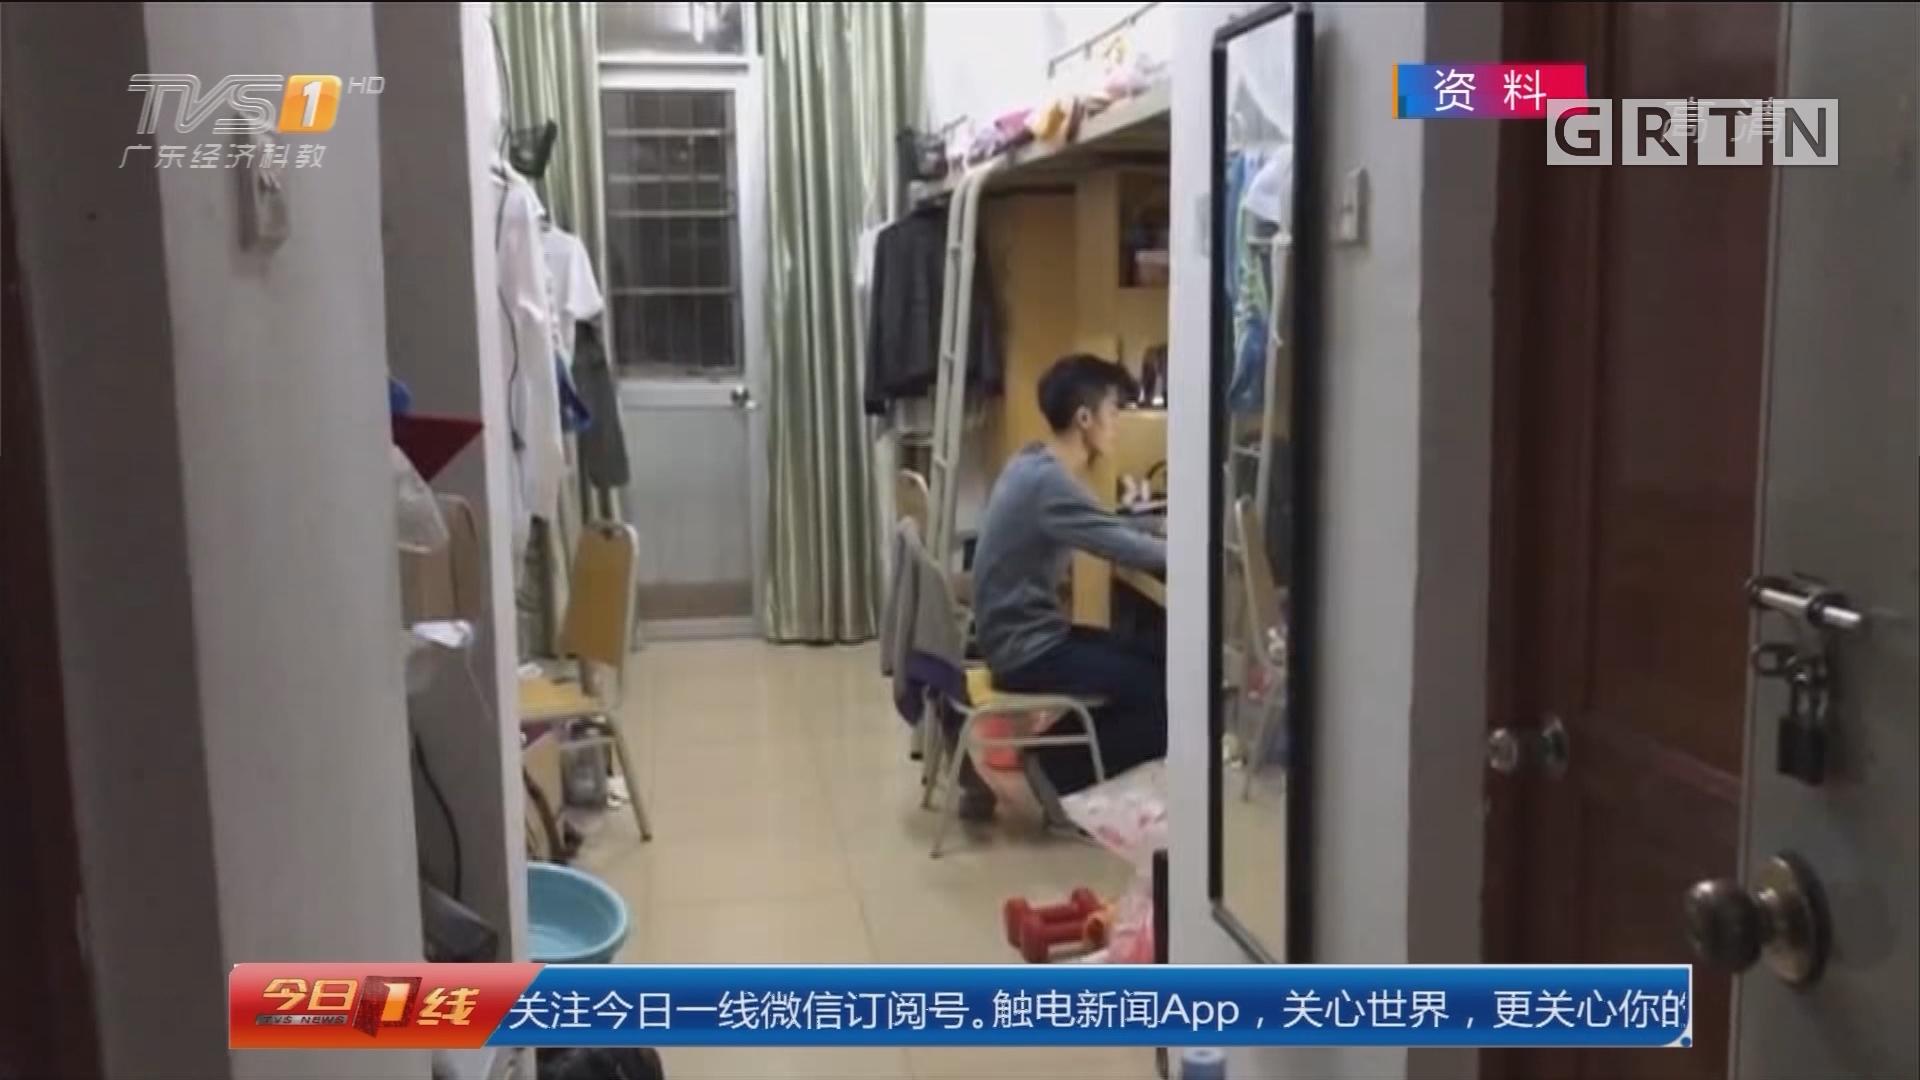 广州:双十一后小伙手抖不止 癫痫发作